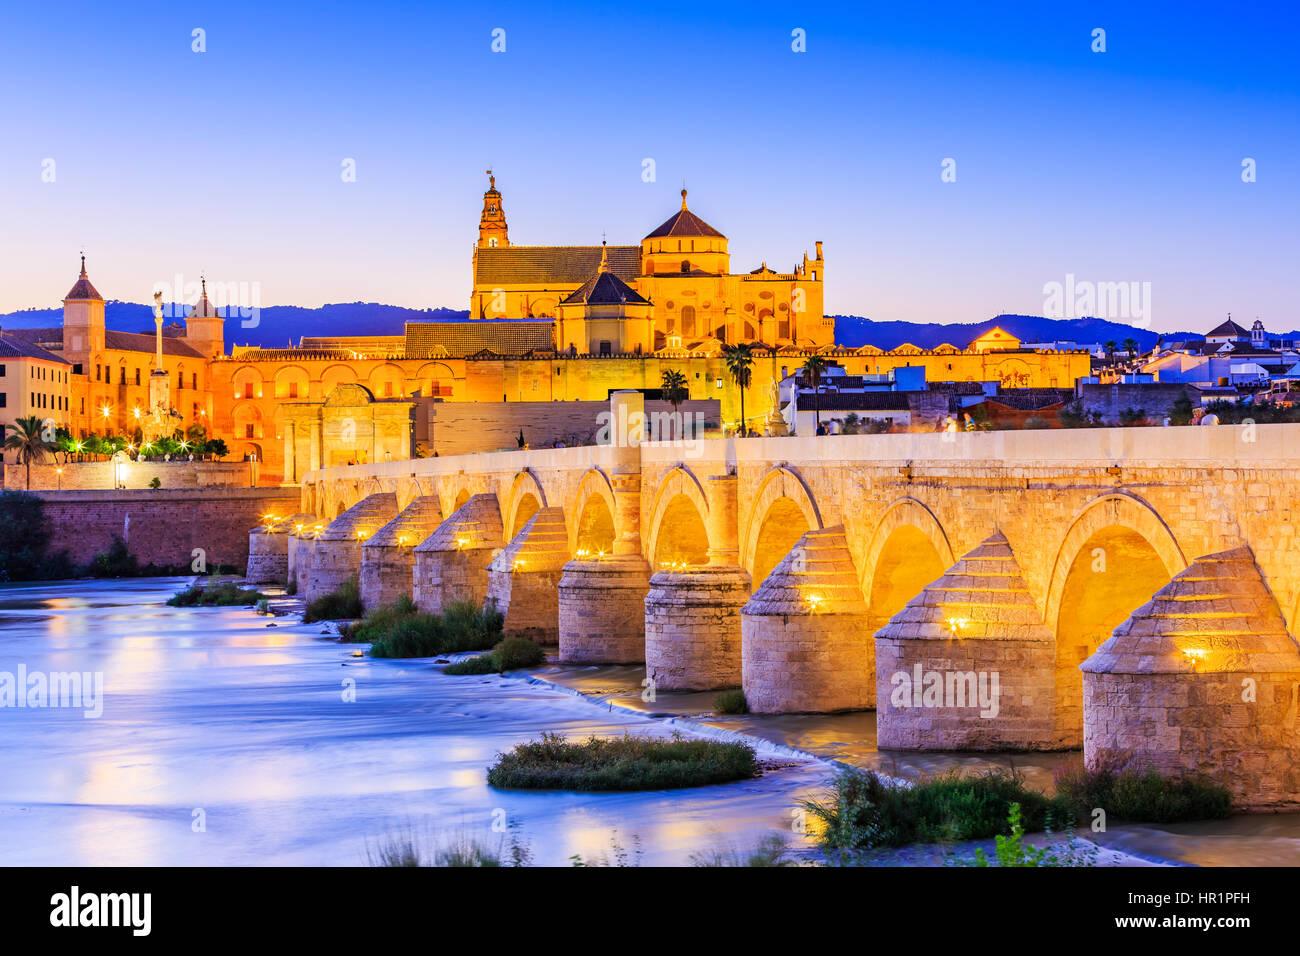 Cordoue, Espagne, Andalousie. Pont romain sur le Guadalquivir et la grande mosquée (mezquita) Photo Stock